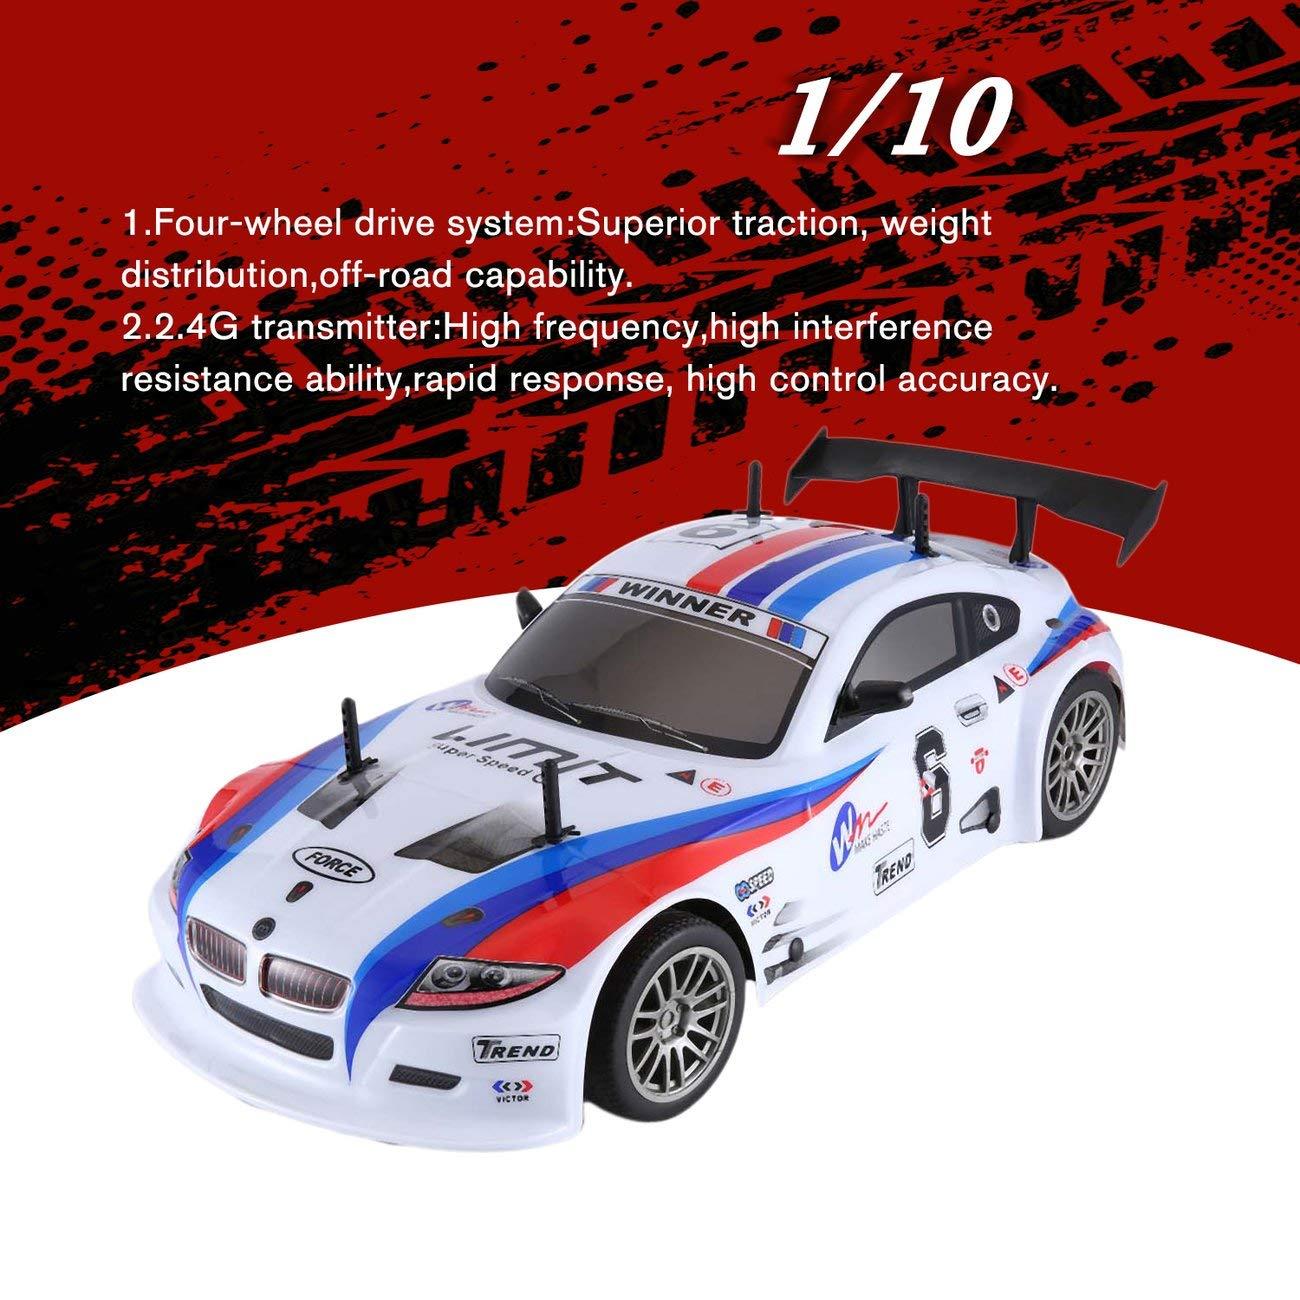 Elviray J601-1 1//10 700mAh 2.4G Racing Car 1:10 RC Modelo de Coche 25 KM//h Flat Sports Drift Veh/ículos Juguetes Enchufe de LA UE para los ni/ños Regalos